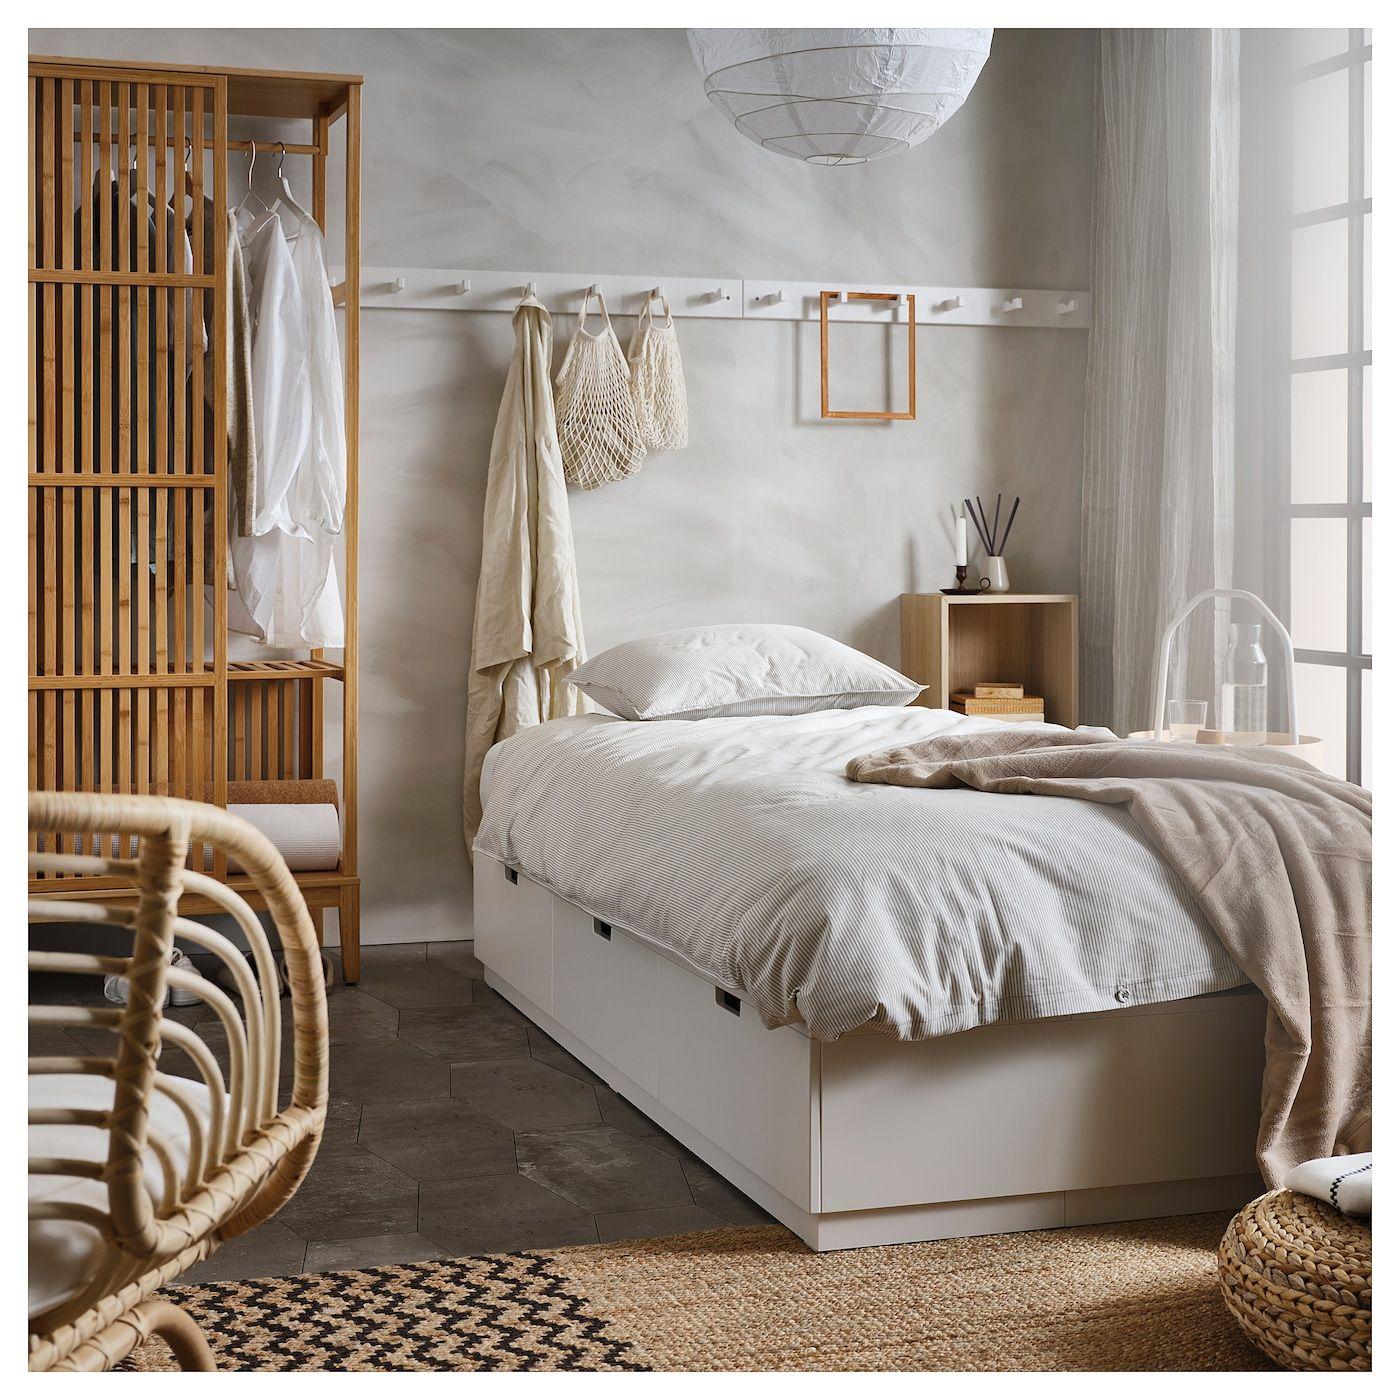 Nordli Sangstomme Med Forvaring Vit 120x200 Cm Ikea In 2020 Bed Frame With Storage Bed Frame Bed Storage